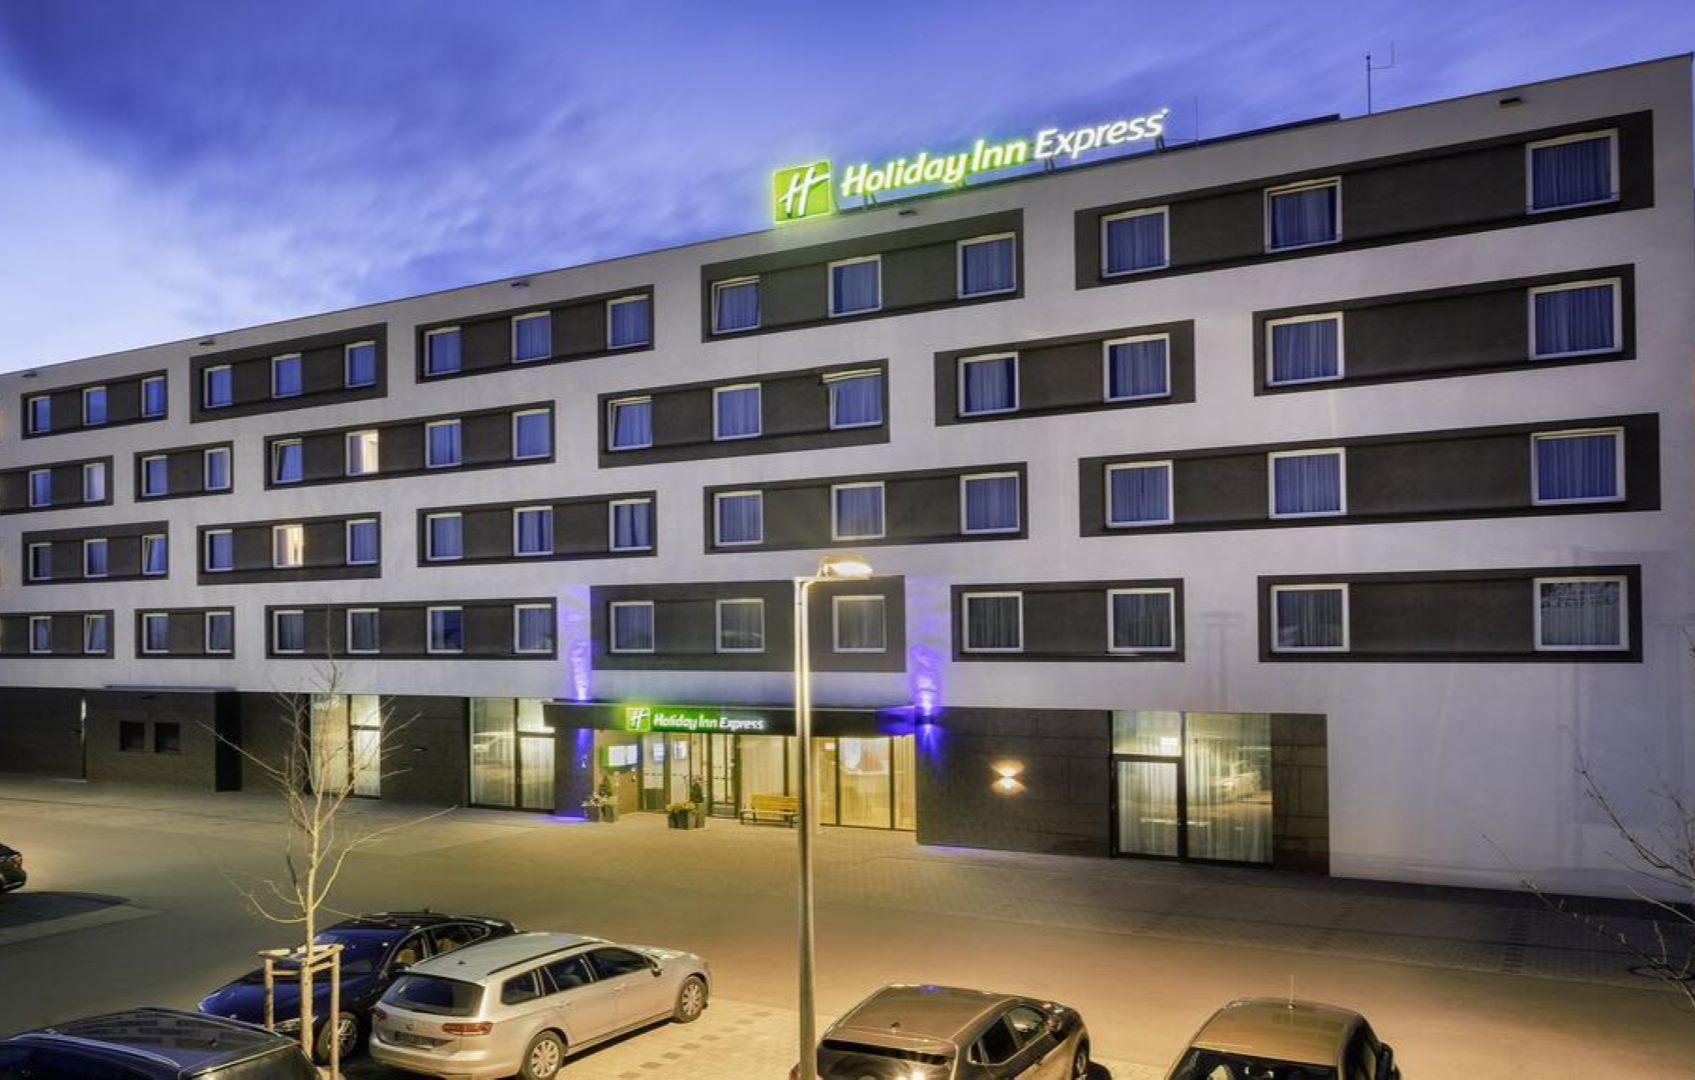 staedtetrips-friedrichshafen-bg1